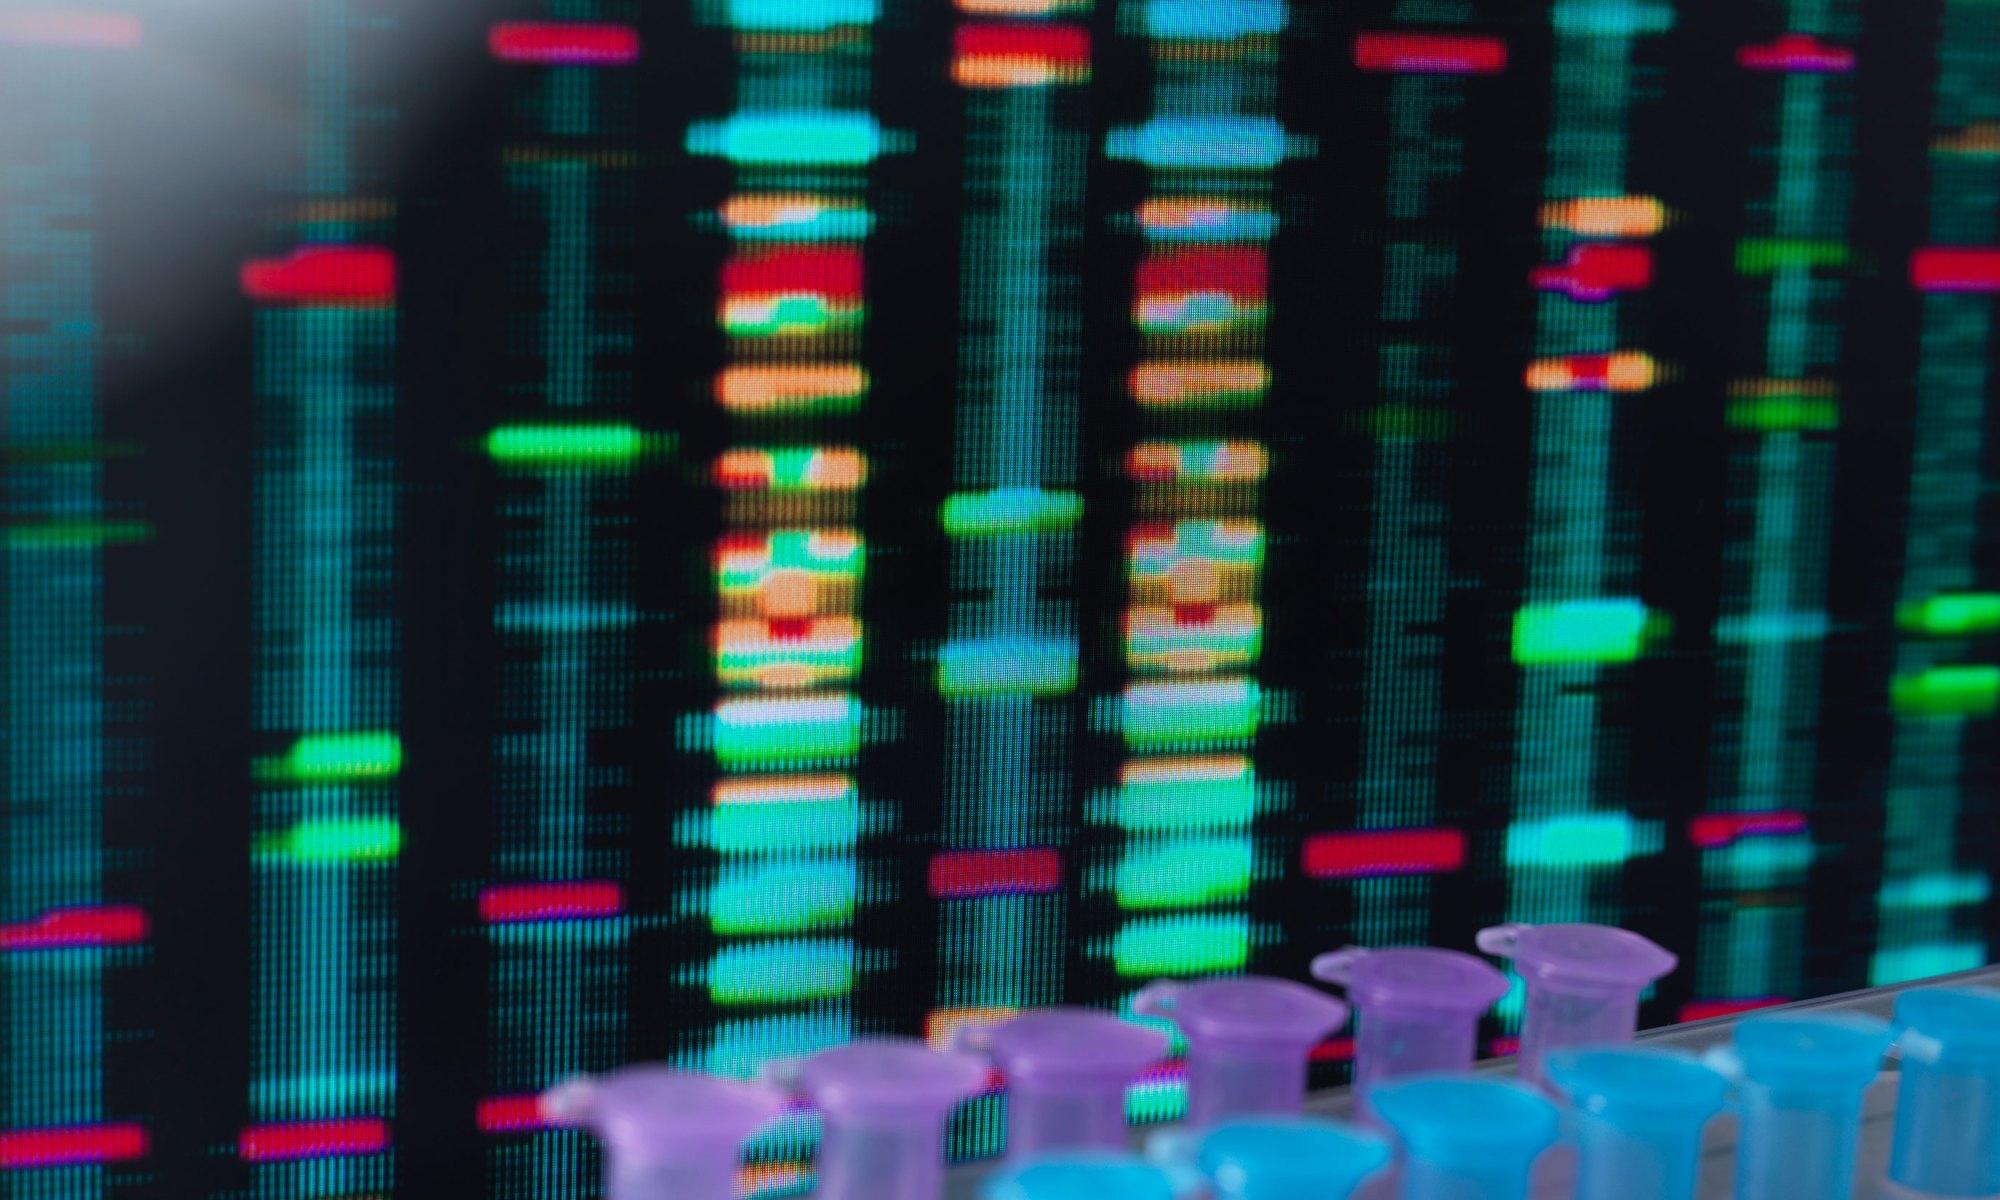 Genetic Studies Intend To Help People >> Dna Techcrunch